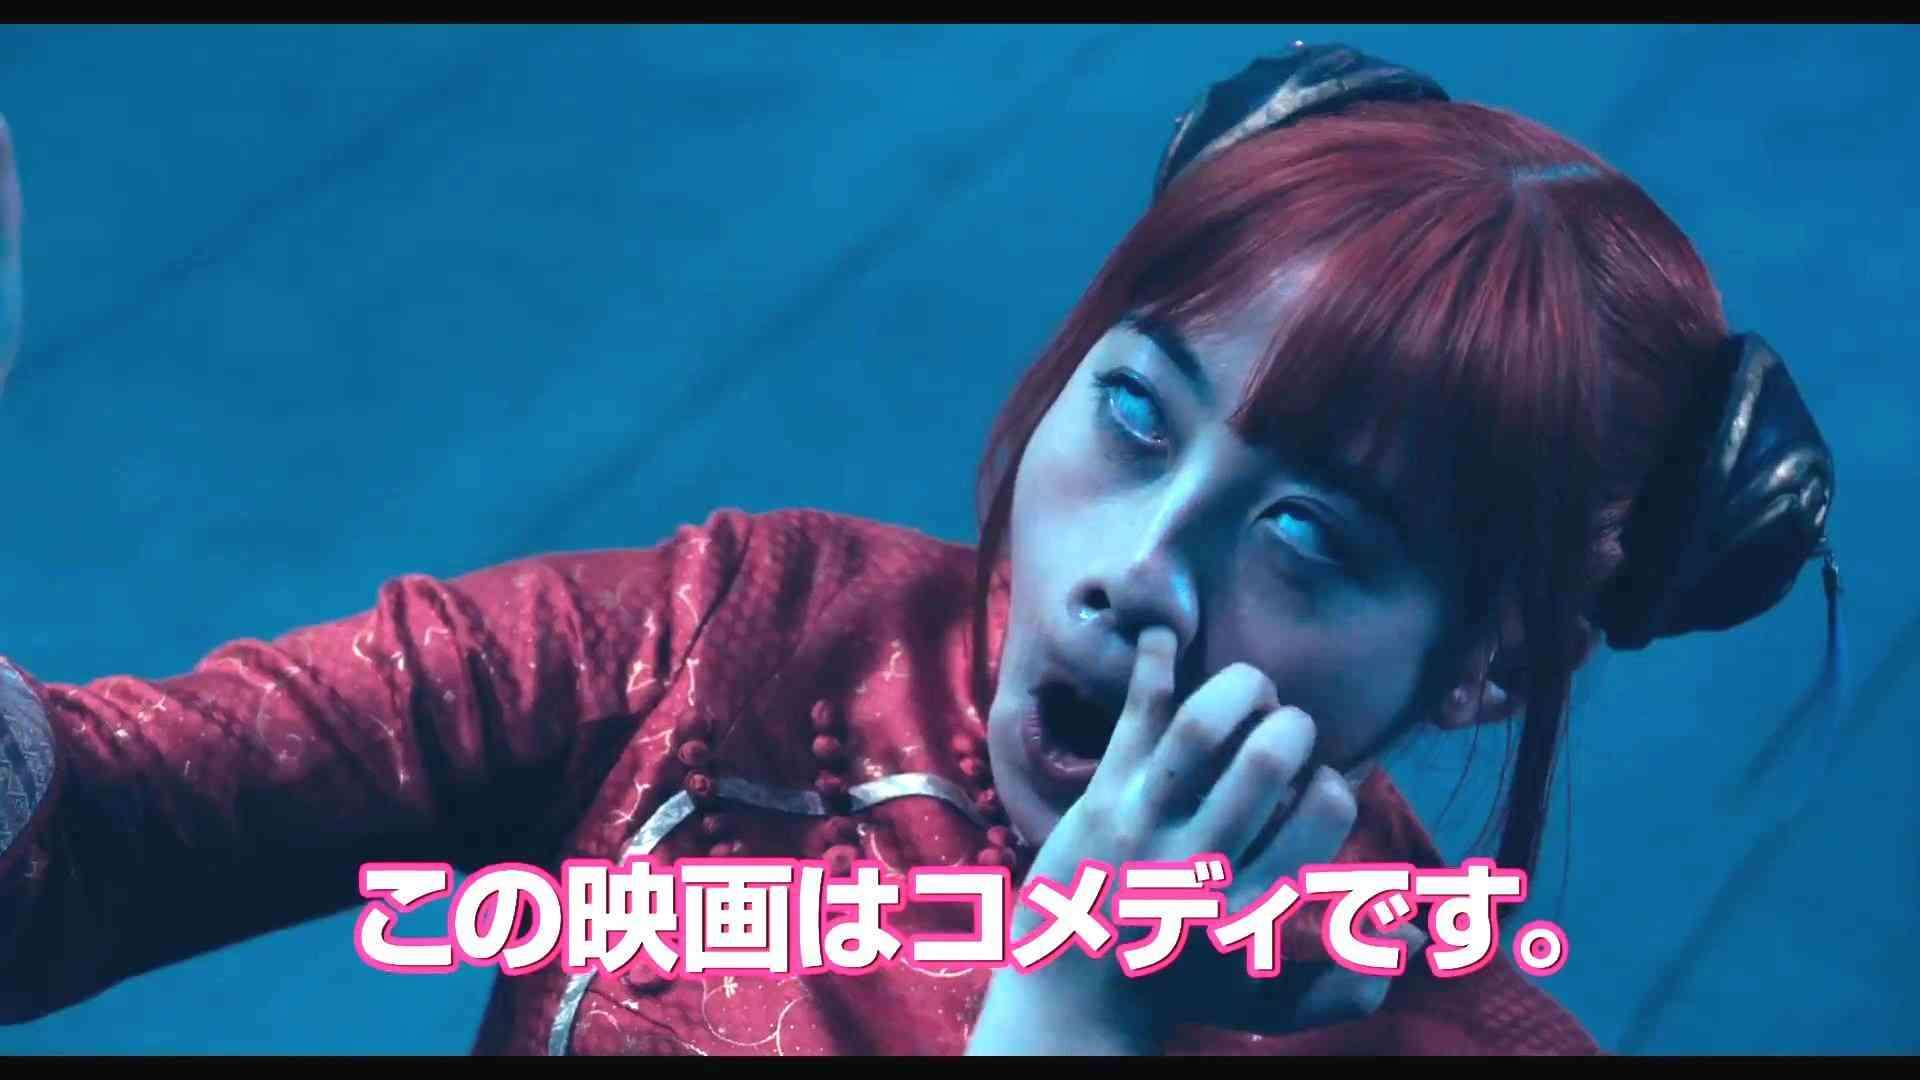 「鼻のプロテーゼ」トークを聞く指原莉乃の表情が話題に! 「顔が怖い…」「瞬き多くね?」